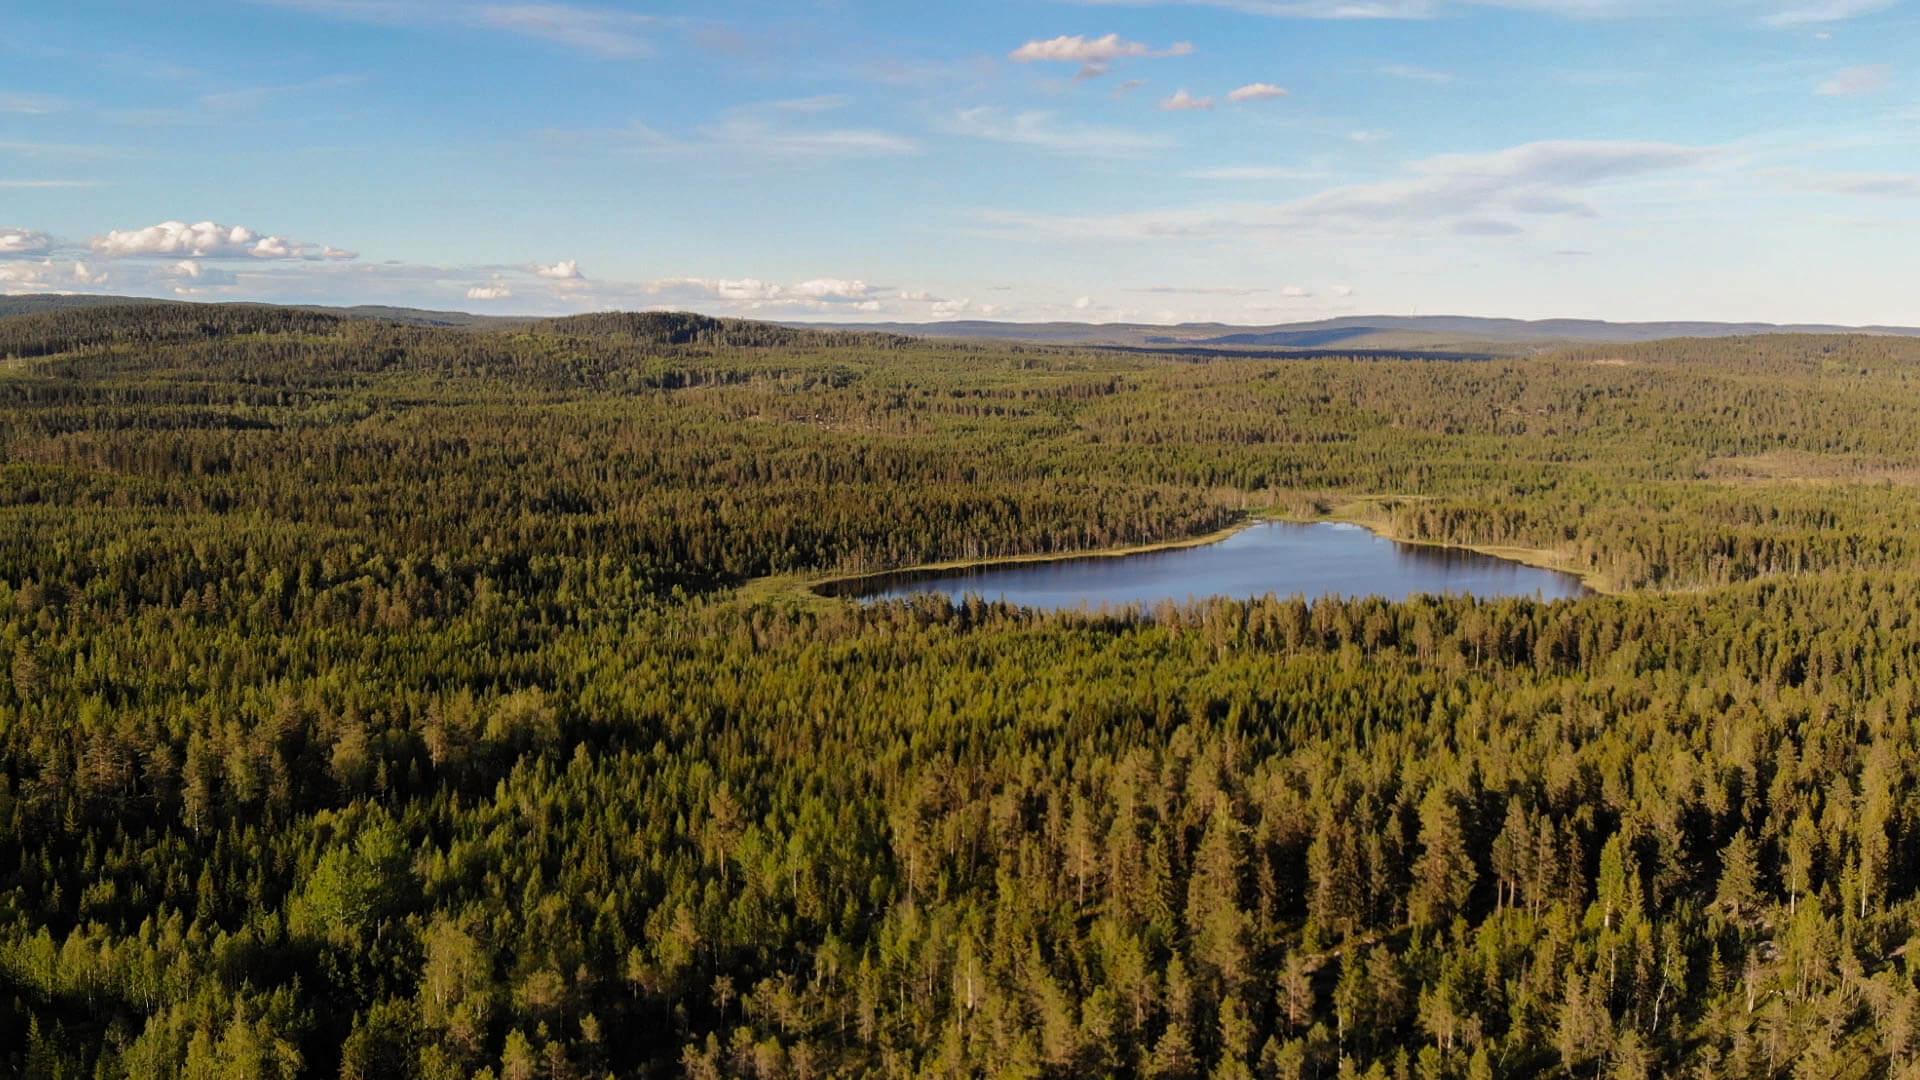 Ein Drohnenaufnahme über die Schwedische Naturlandschaft mit einem See zu sehen